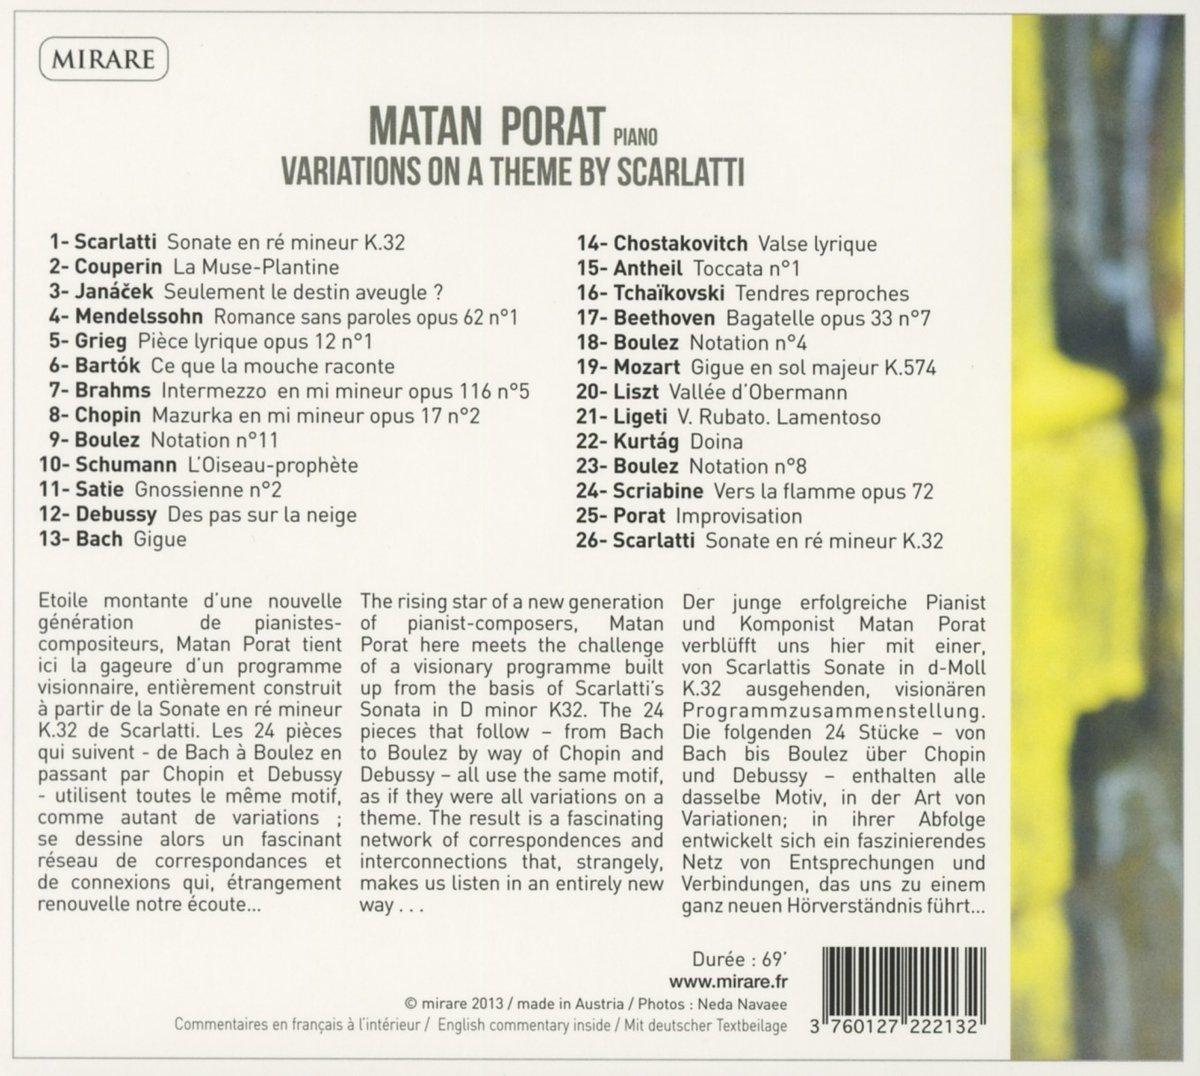 Domenico Scarlatti: discographie sélective - Page 5 71giqq10